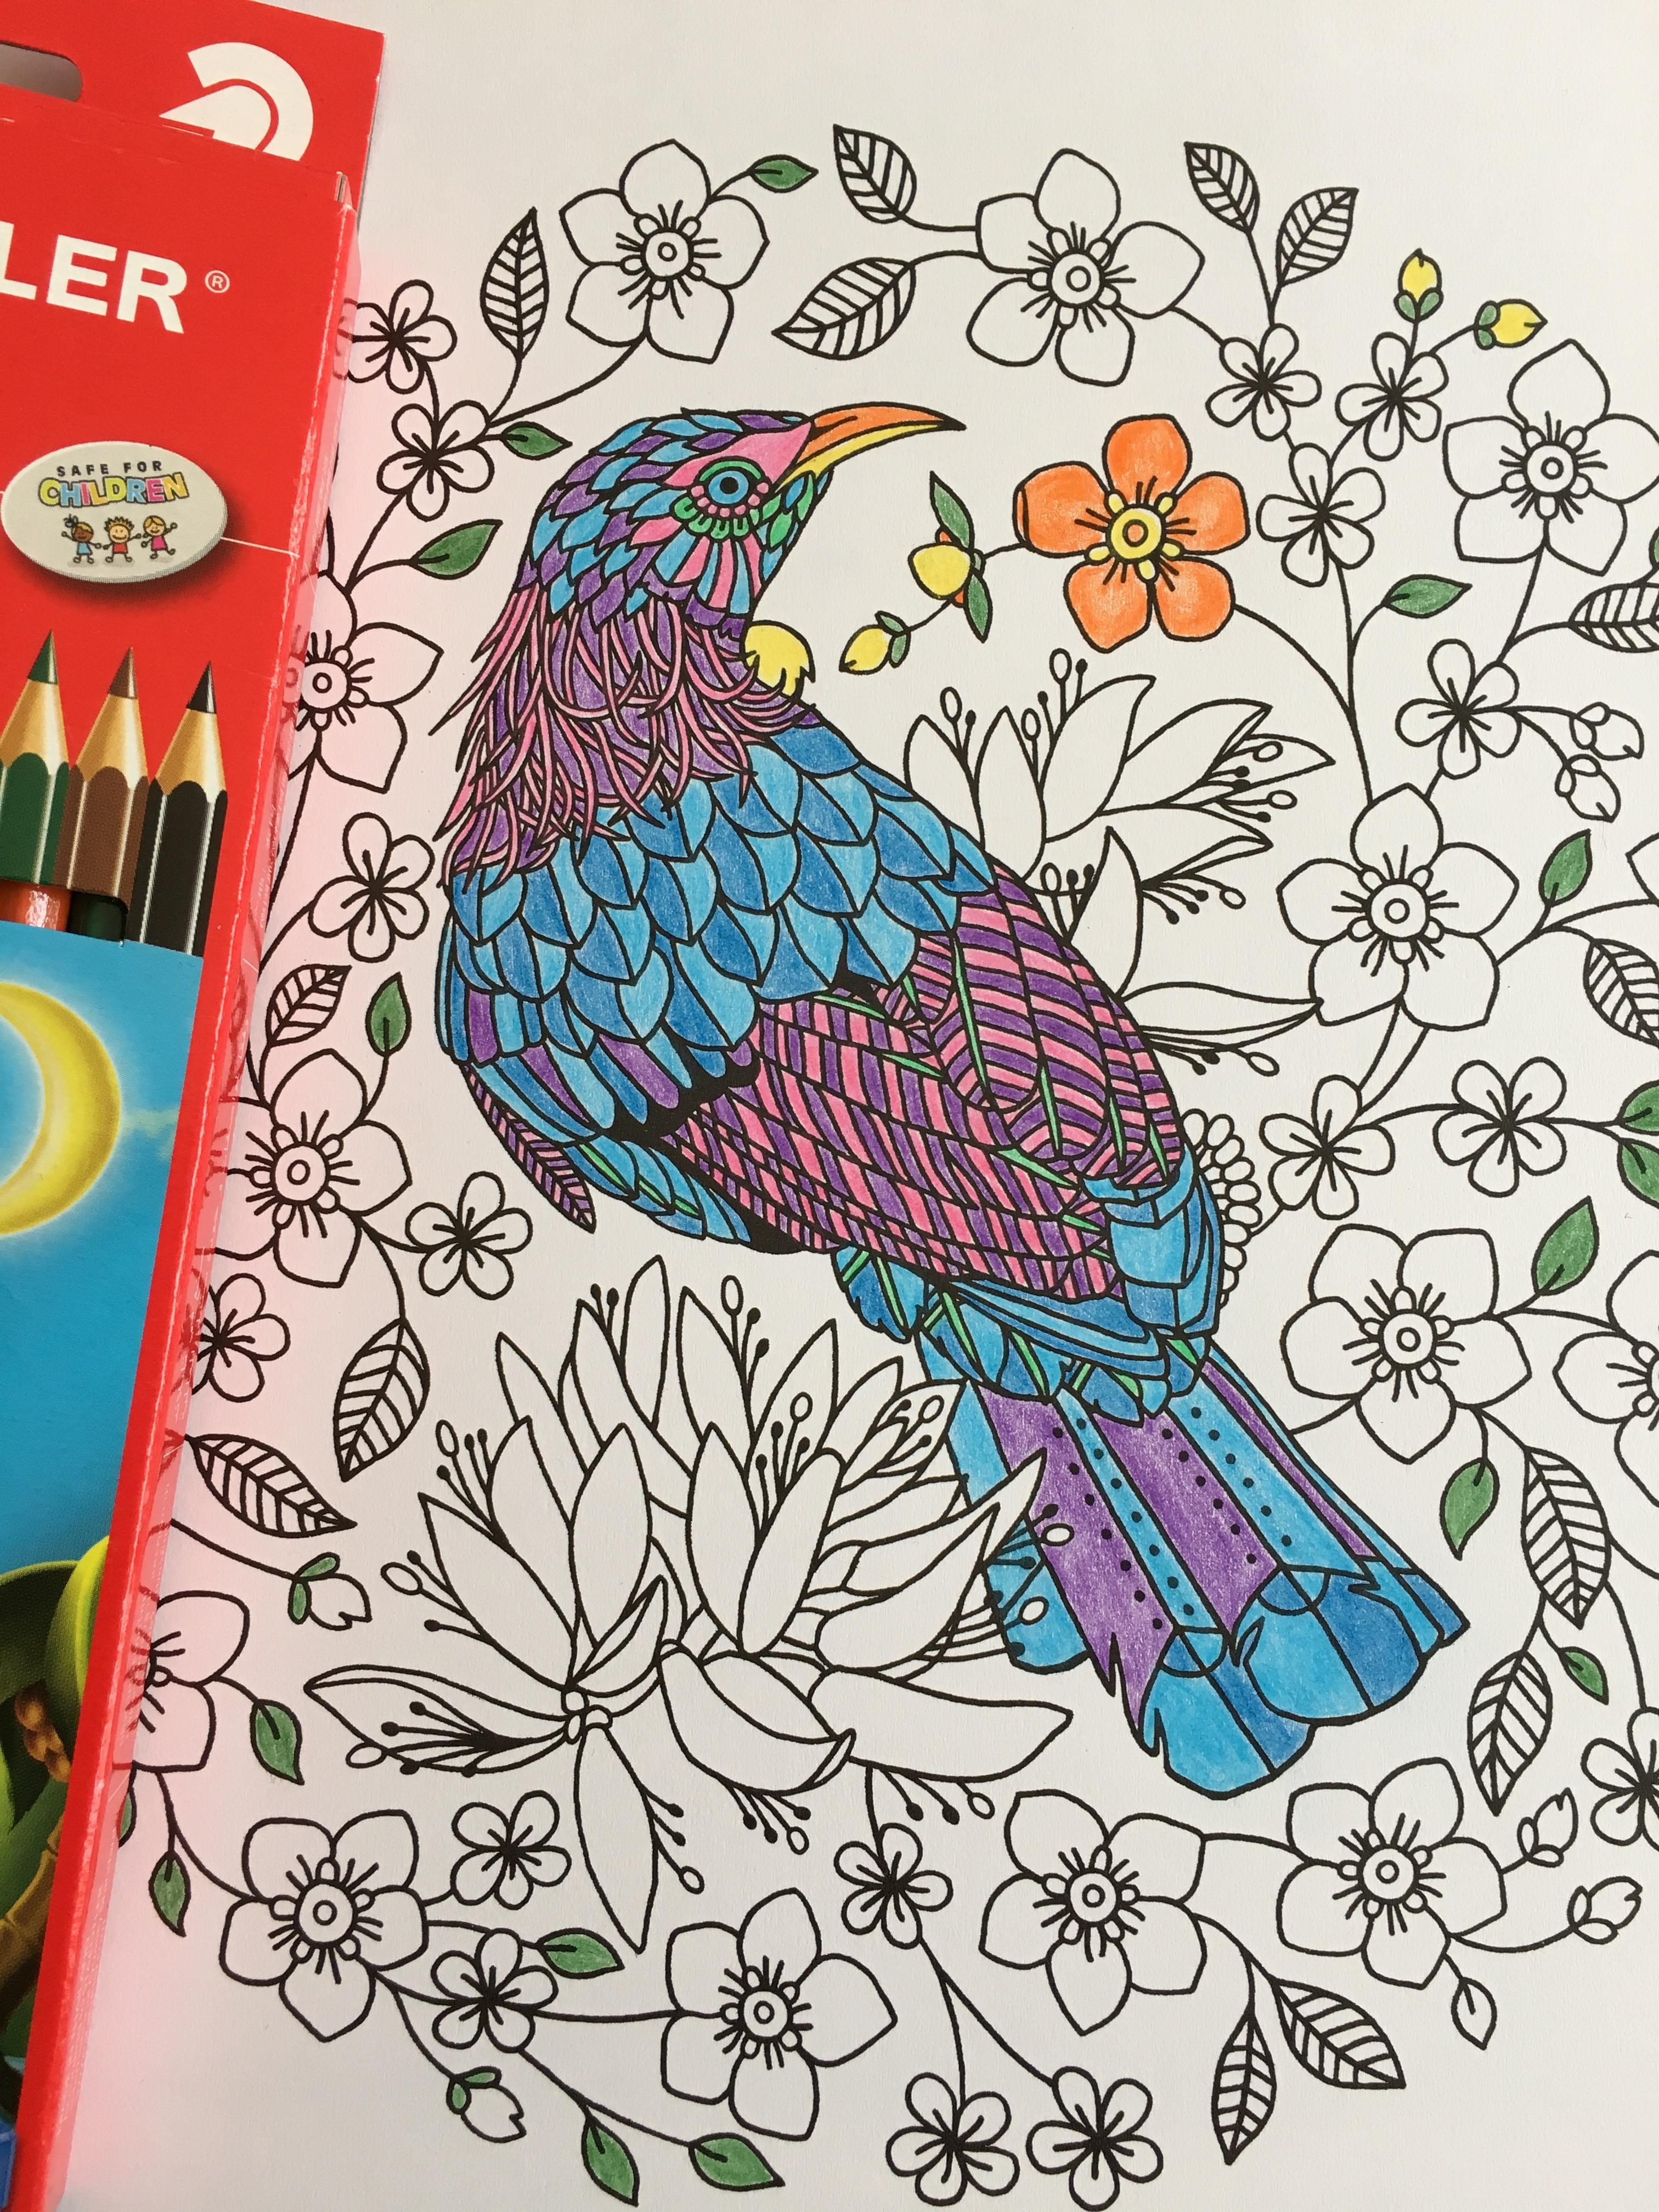 Fotoğraf Kalem Yaratıcı Kuş Mor Desen Rahatlayın Renk